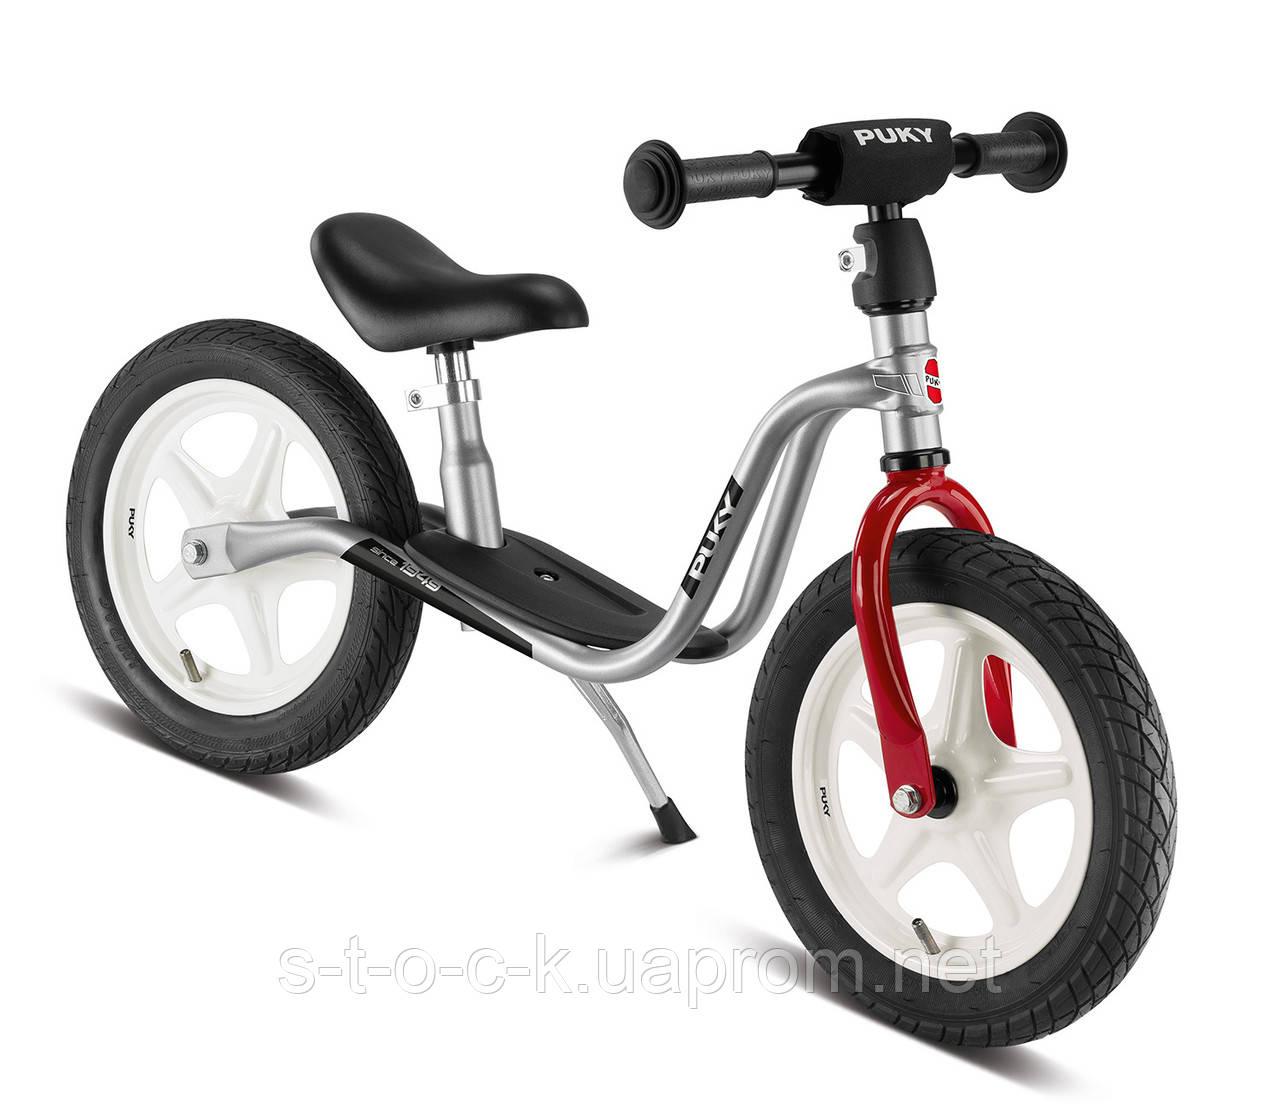 Беговел Puky LR 1L серебристый с надувными колесам. Для детей от 2,5 лет